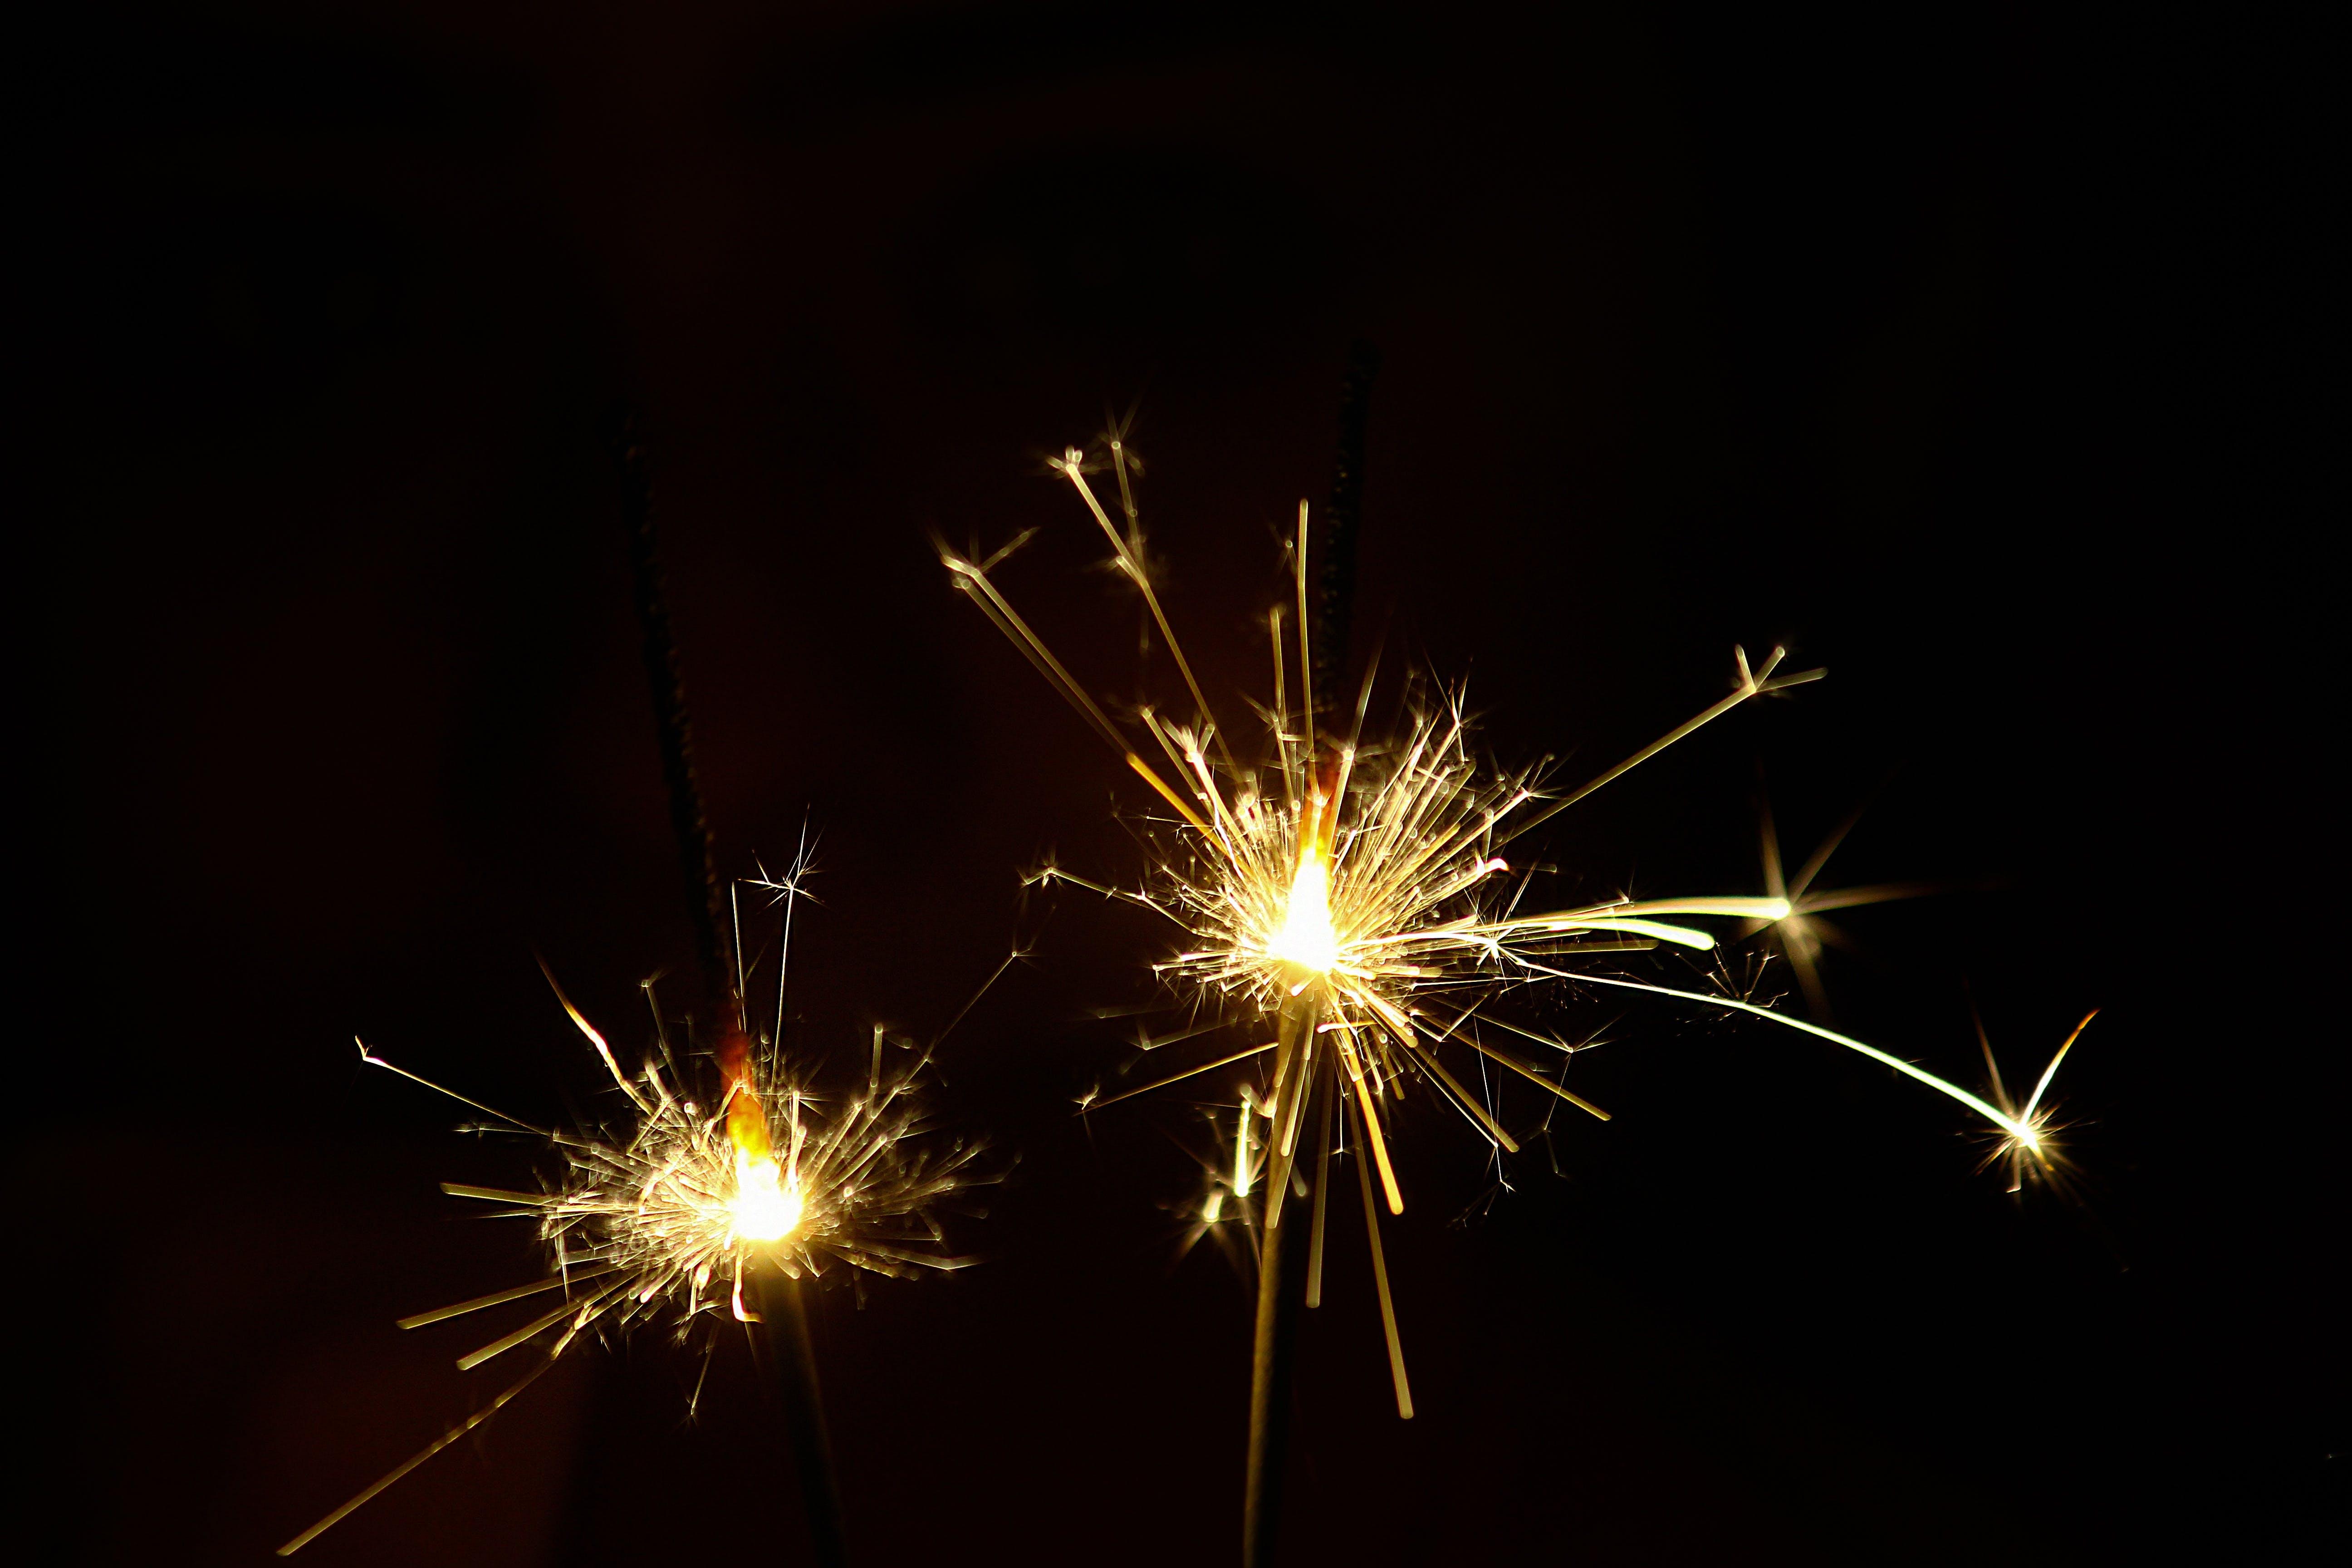 Δωρεάν στοκ φωτογραφιών με αστερίες, γκρο πλαν, ελαφρύς, εορτασμός